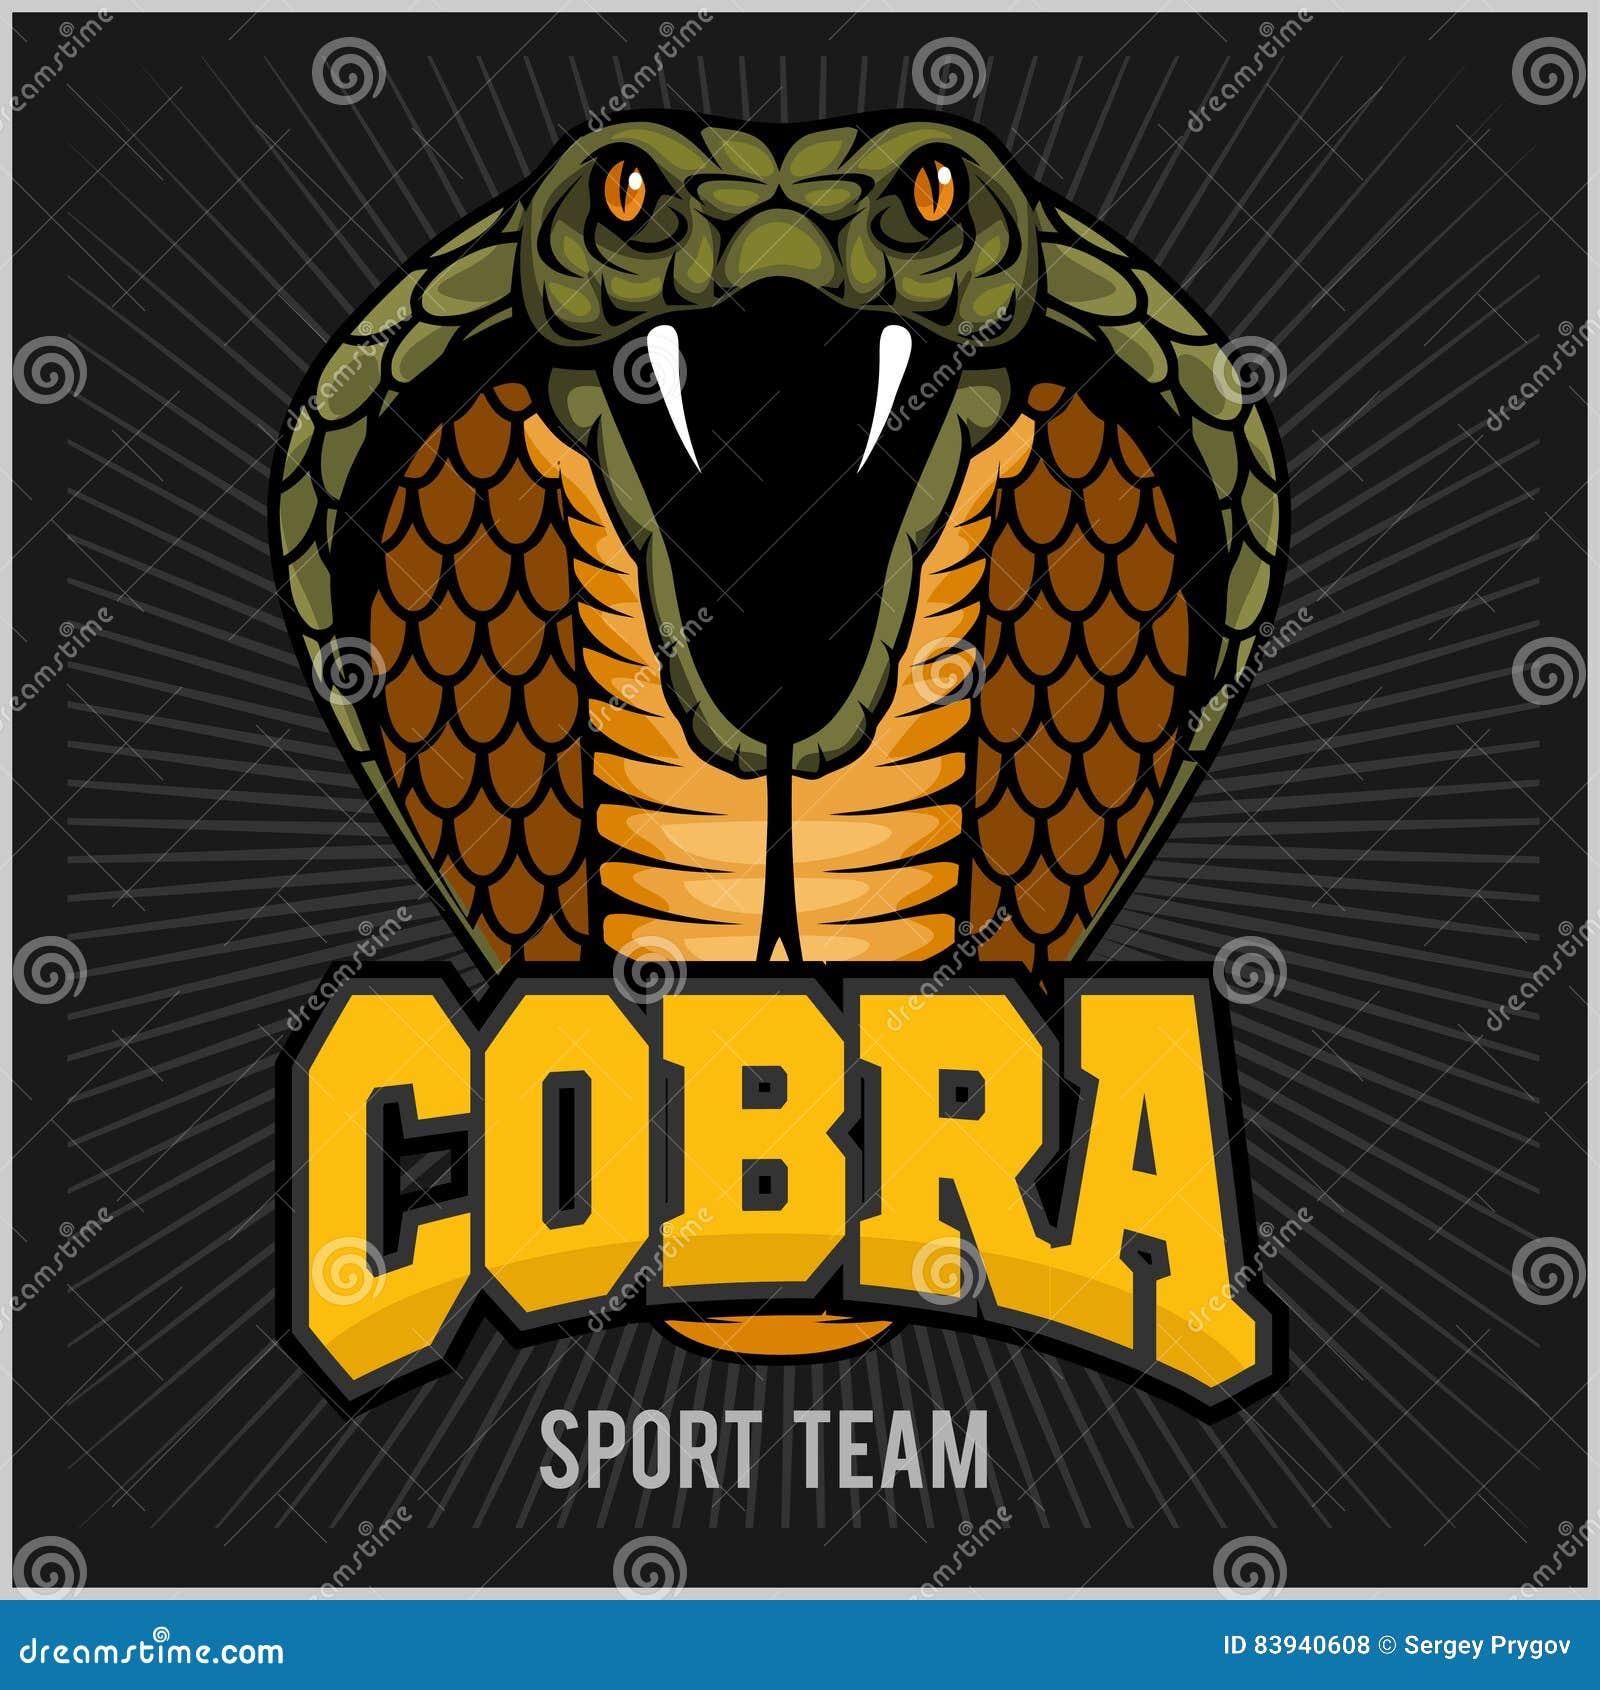 Mascota De La Cobra - Equipo De Deporte Ilustración del Vector ...